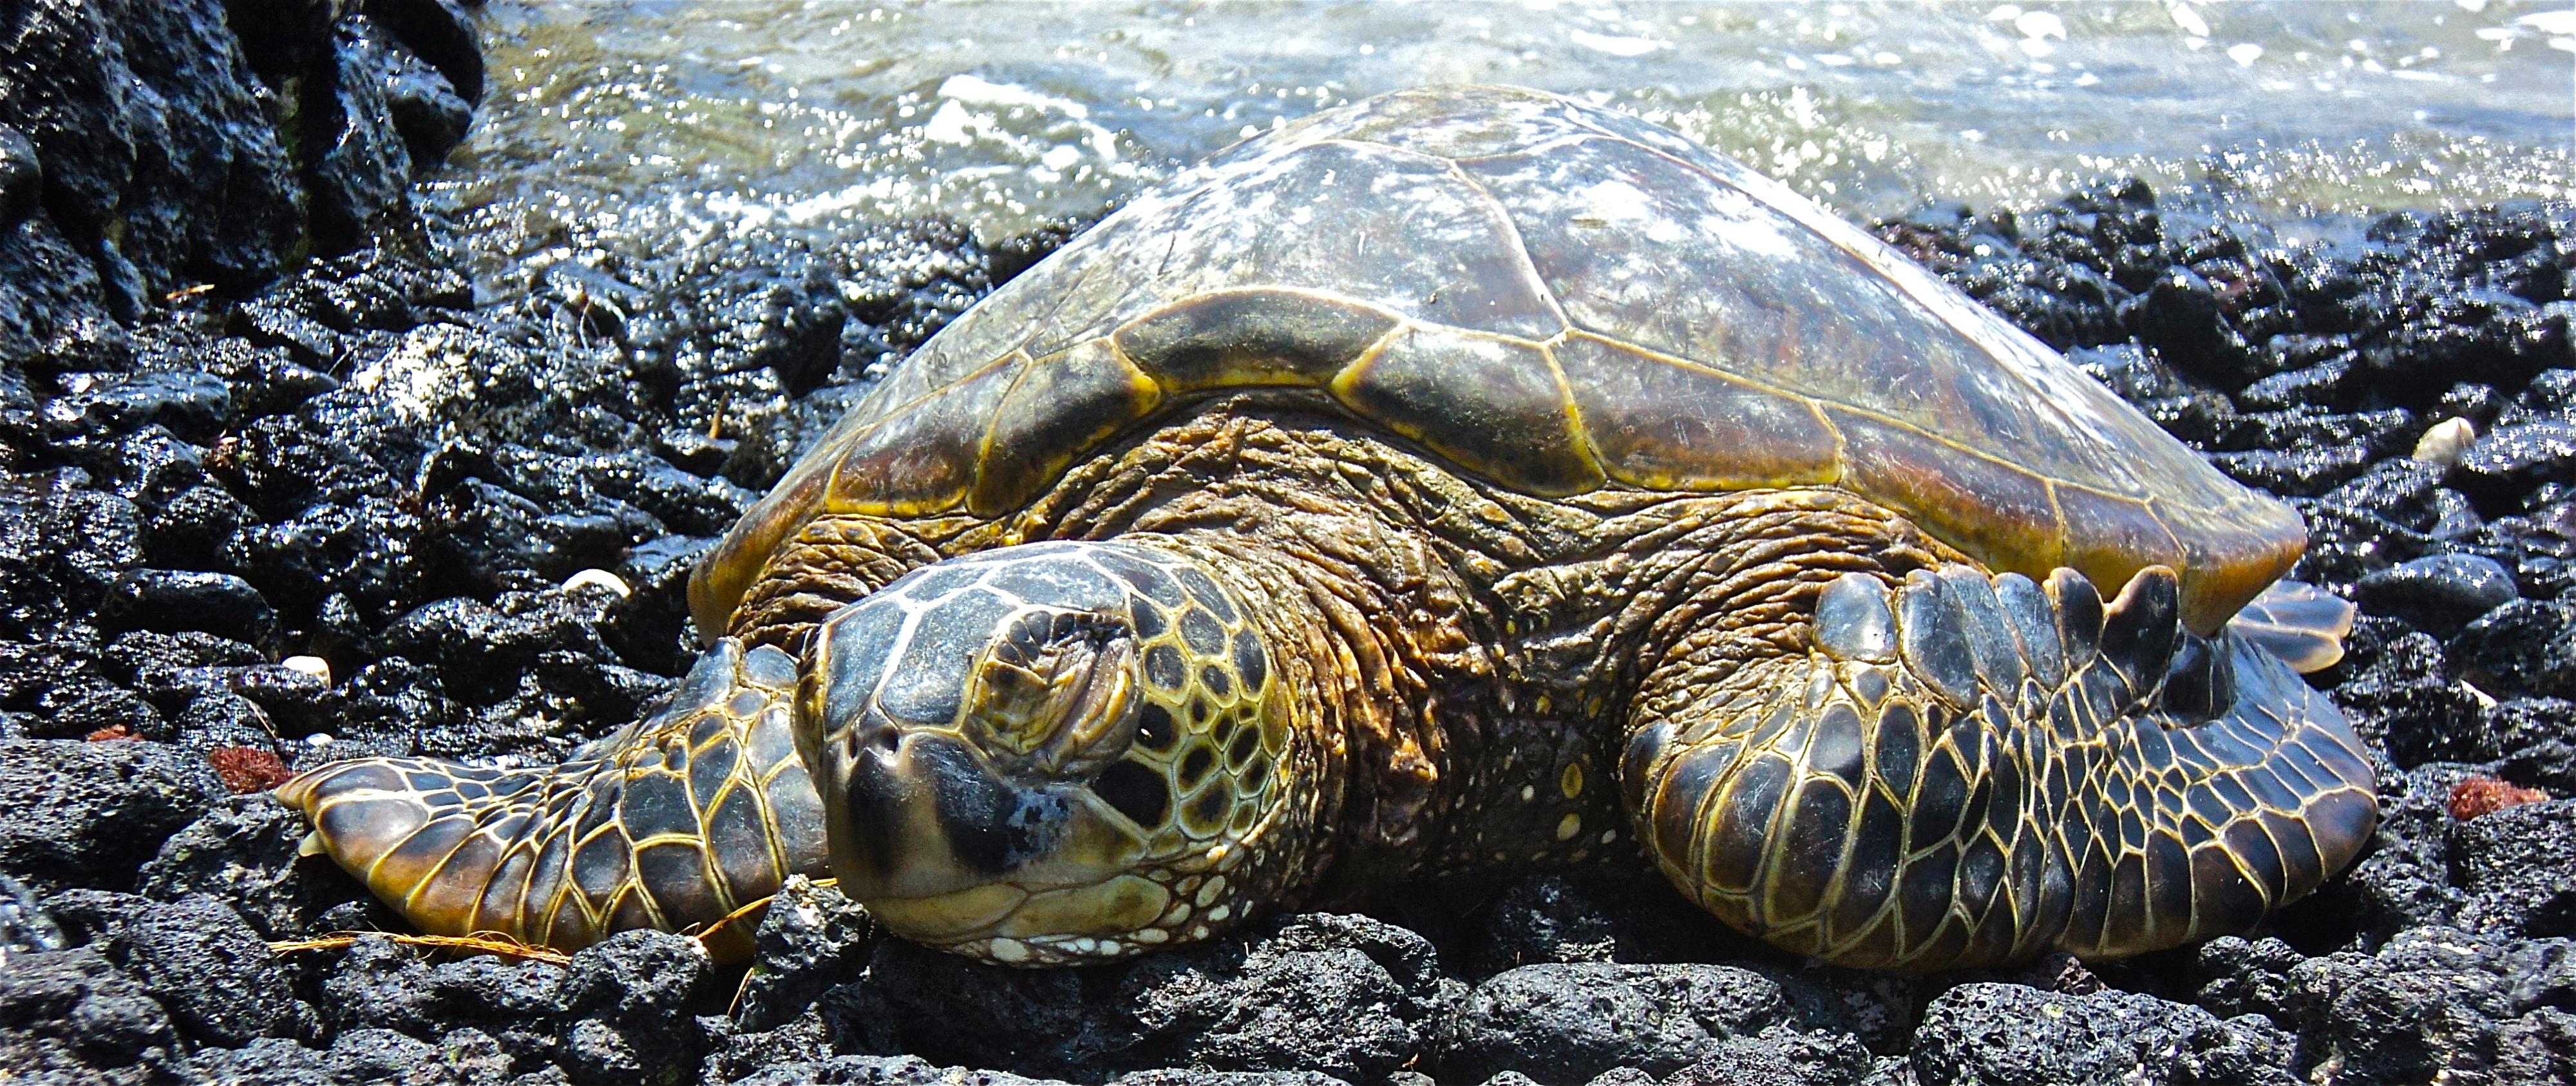 Basking Tortoise